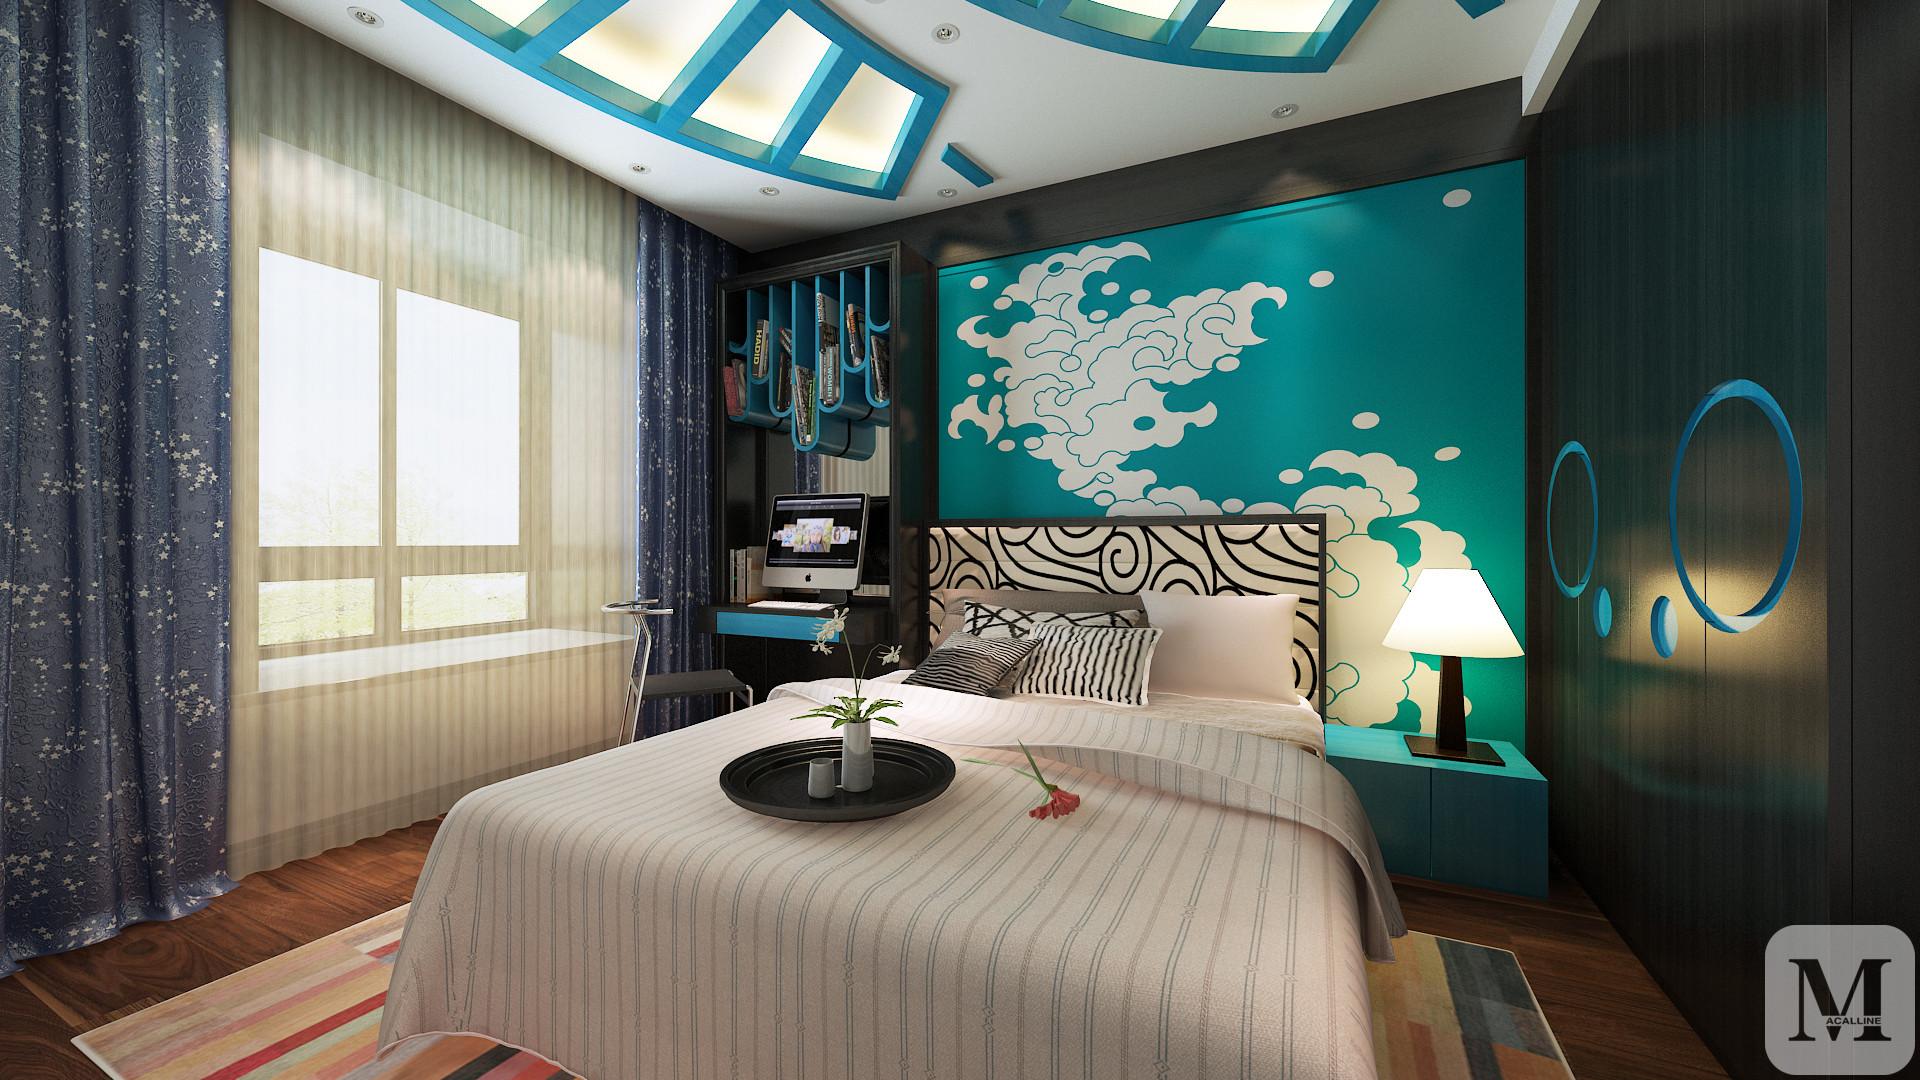 现代中式卧室装修效果图 装饰你的浪漫情怀